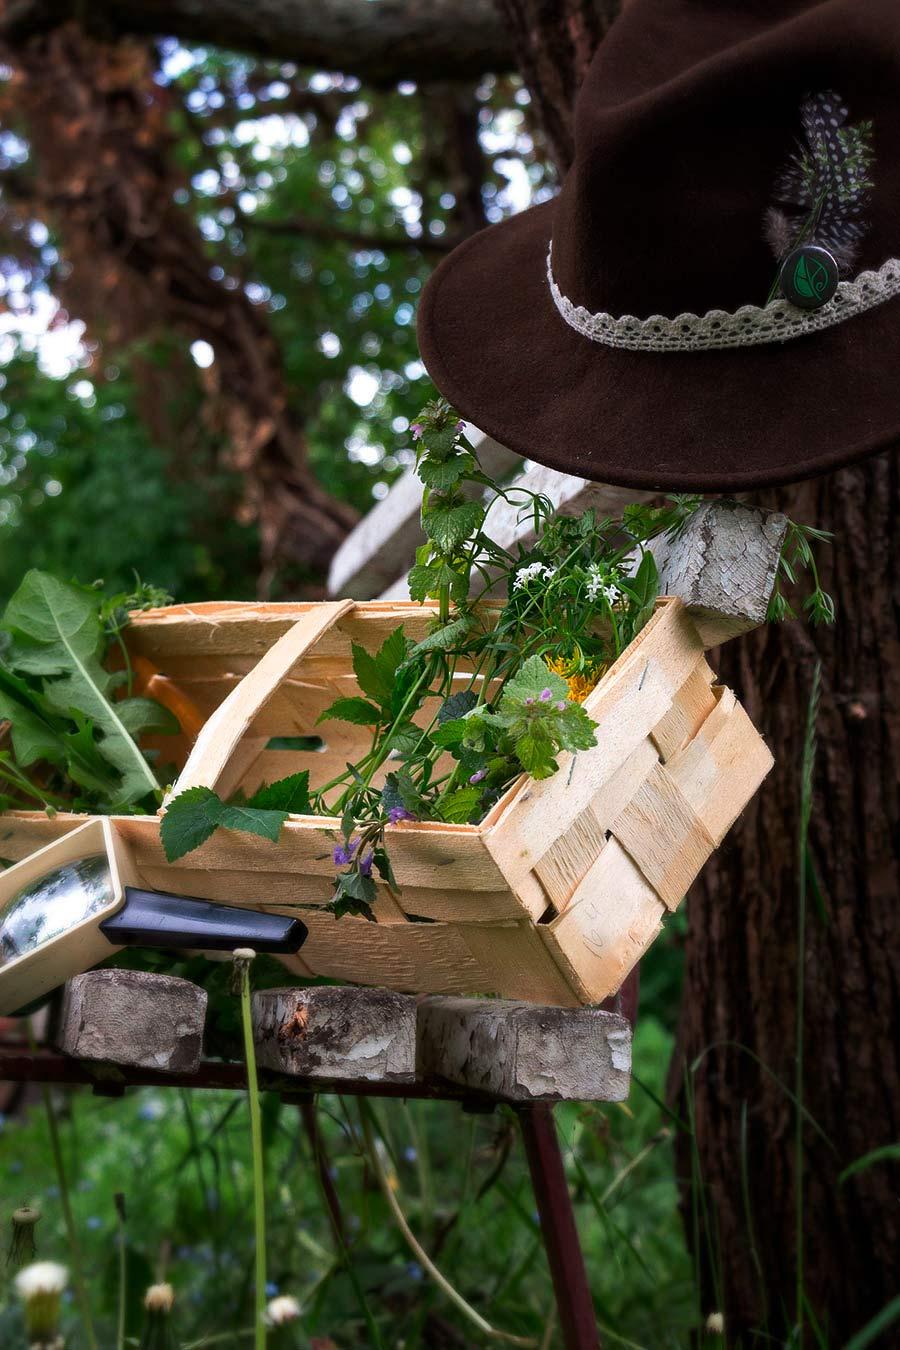 Kräuterblog – Herbal Hunter – Kräuterblog und Kräuterwanderungen in Potsdam